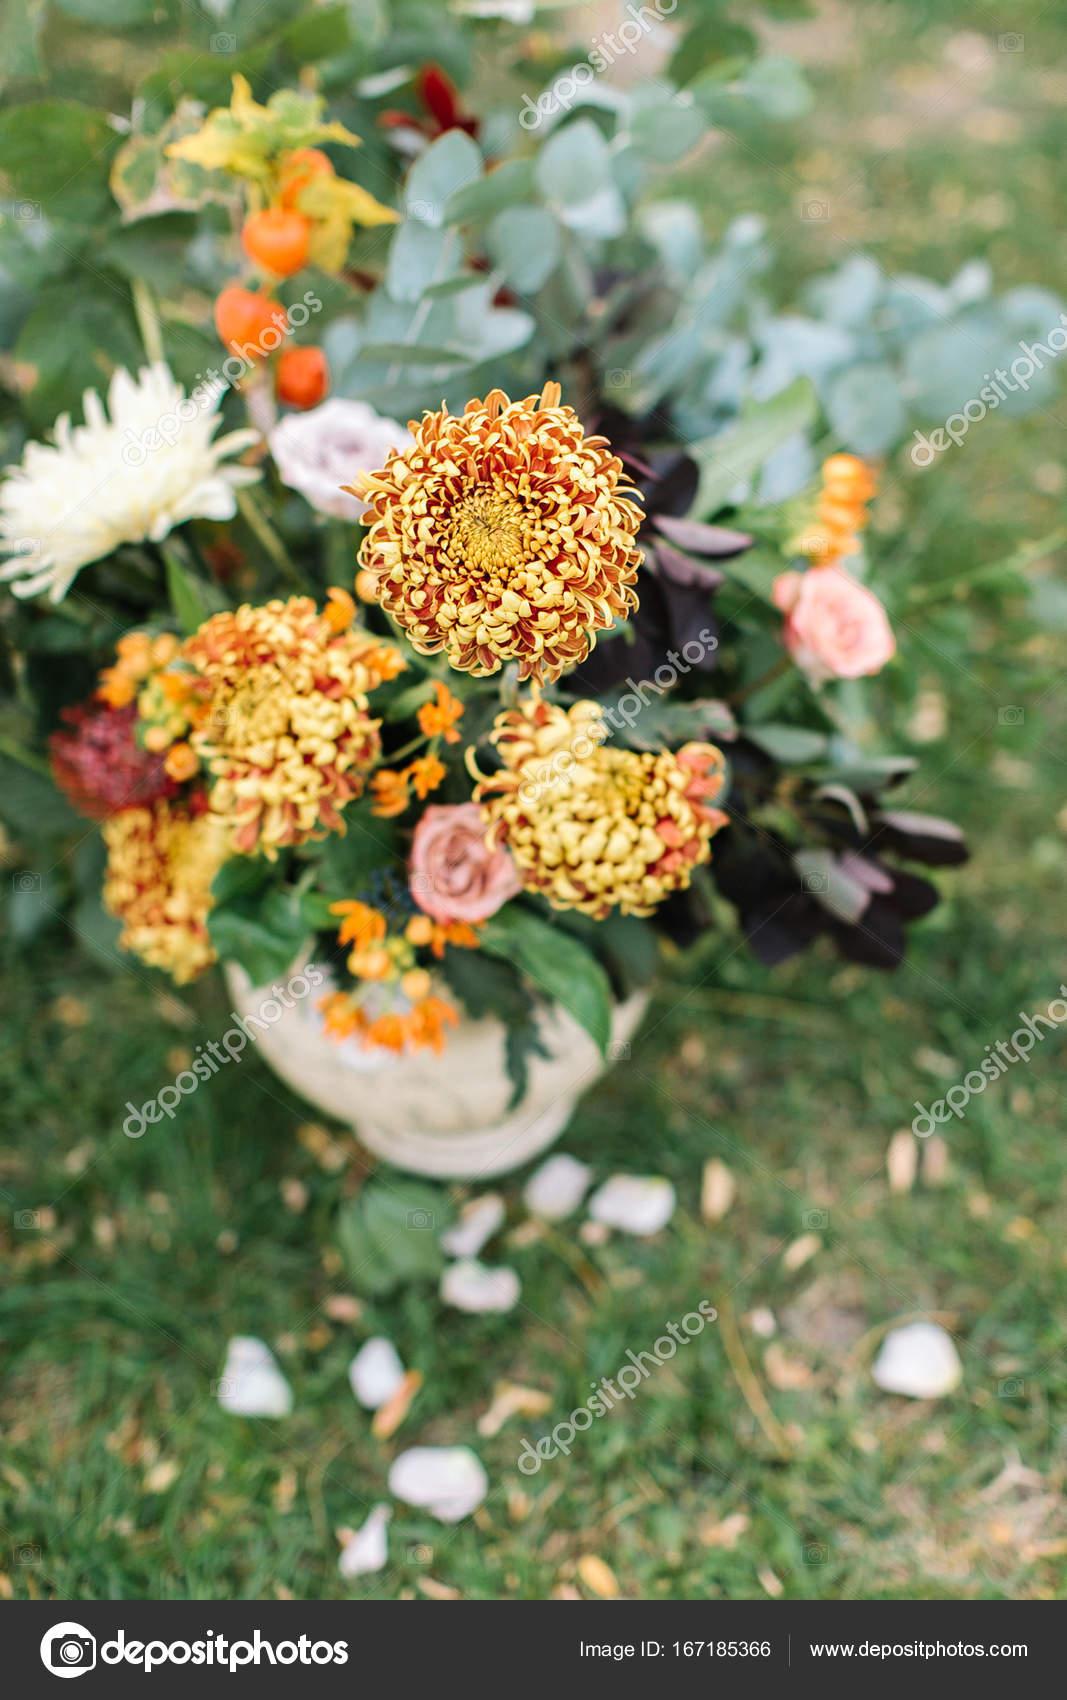 Floristische Hochzeit Party Deko Konzept Nahaufnahme Von Hellen